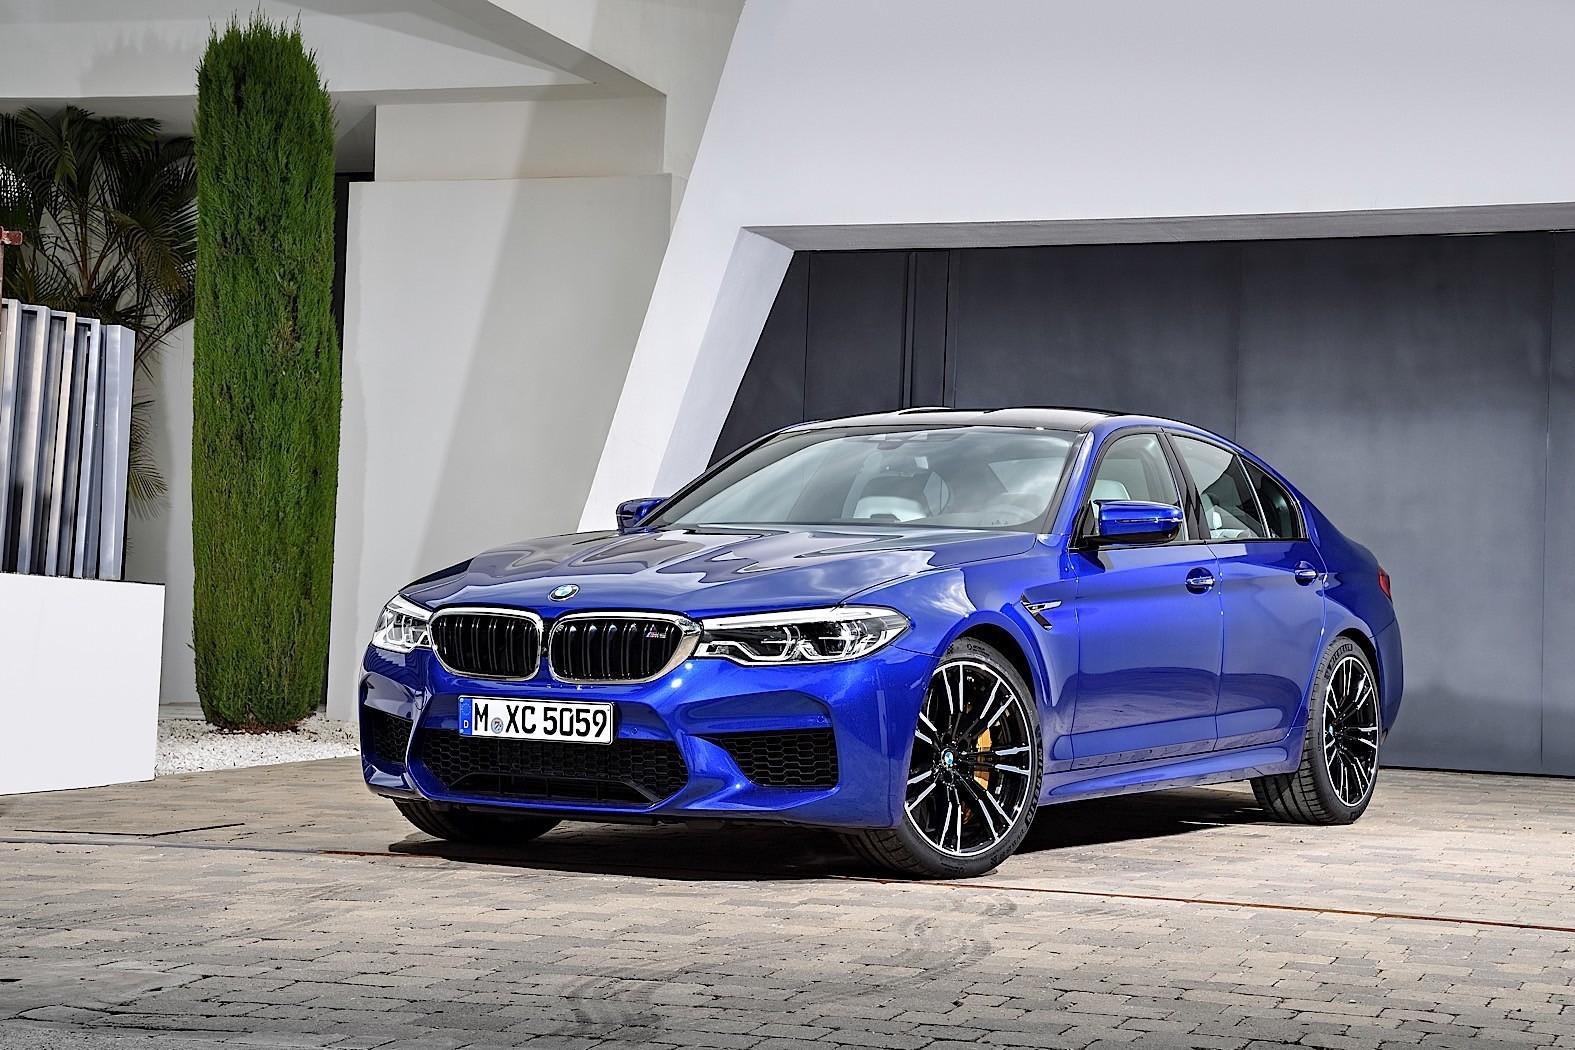 2018 BMW M5 Price Leaks For U.S. Market: $102,600 ...